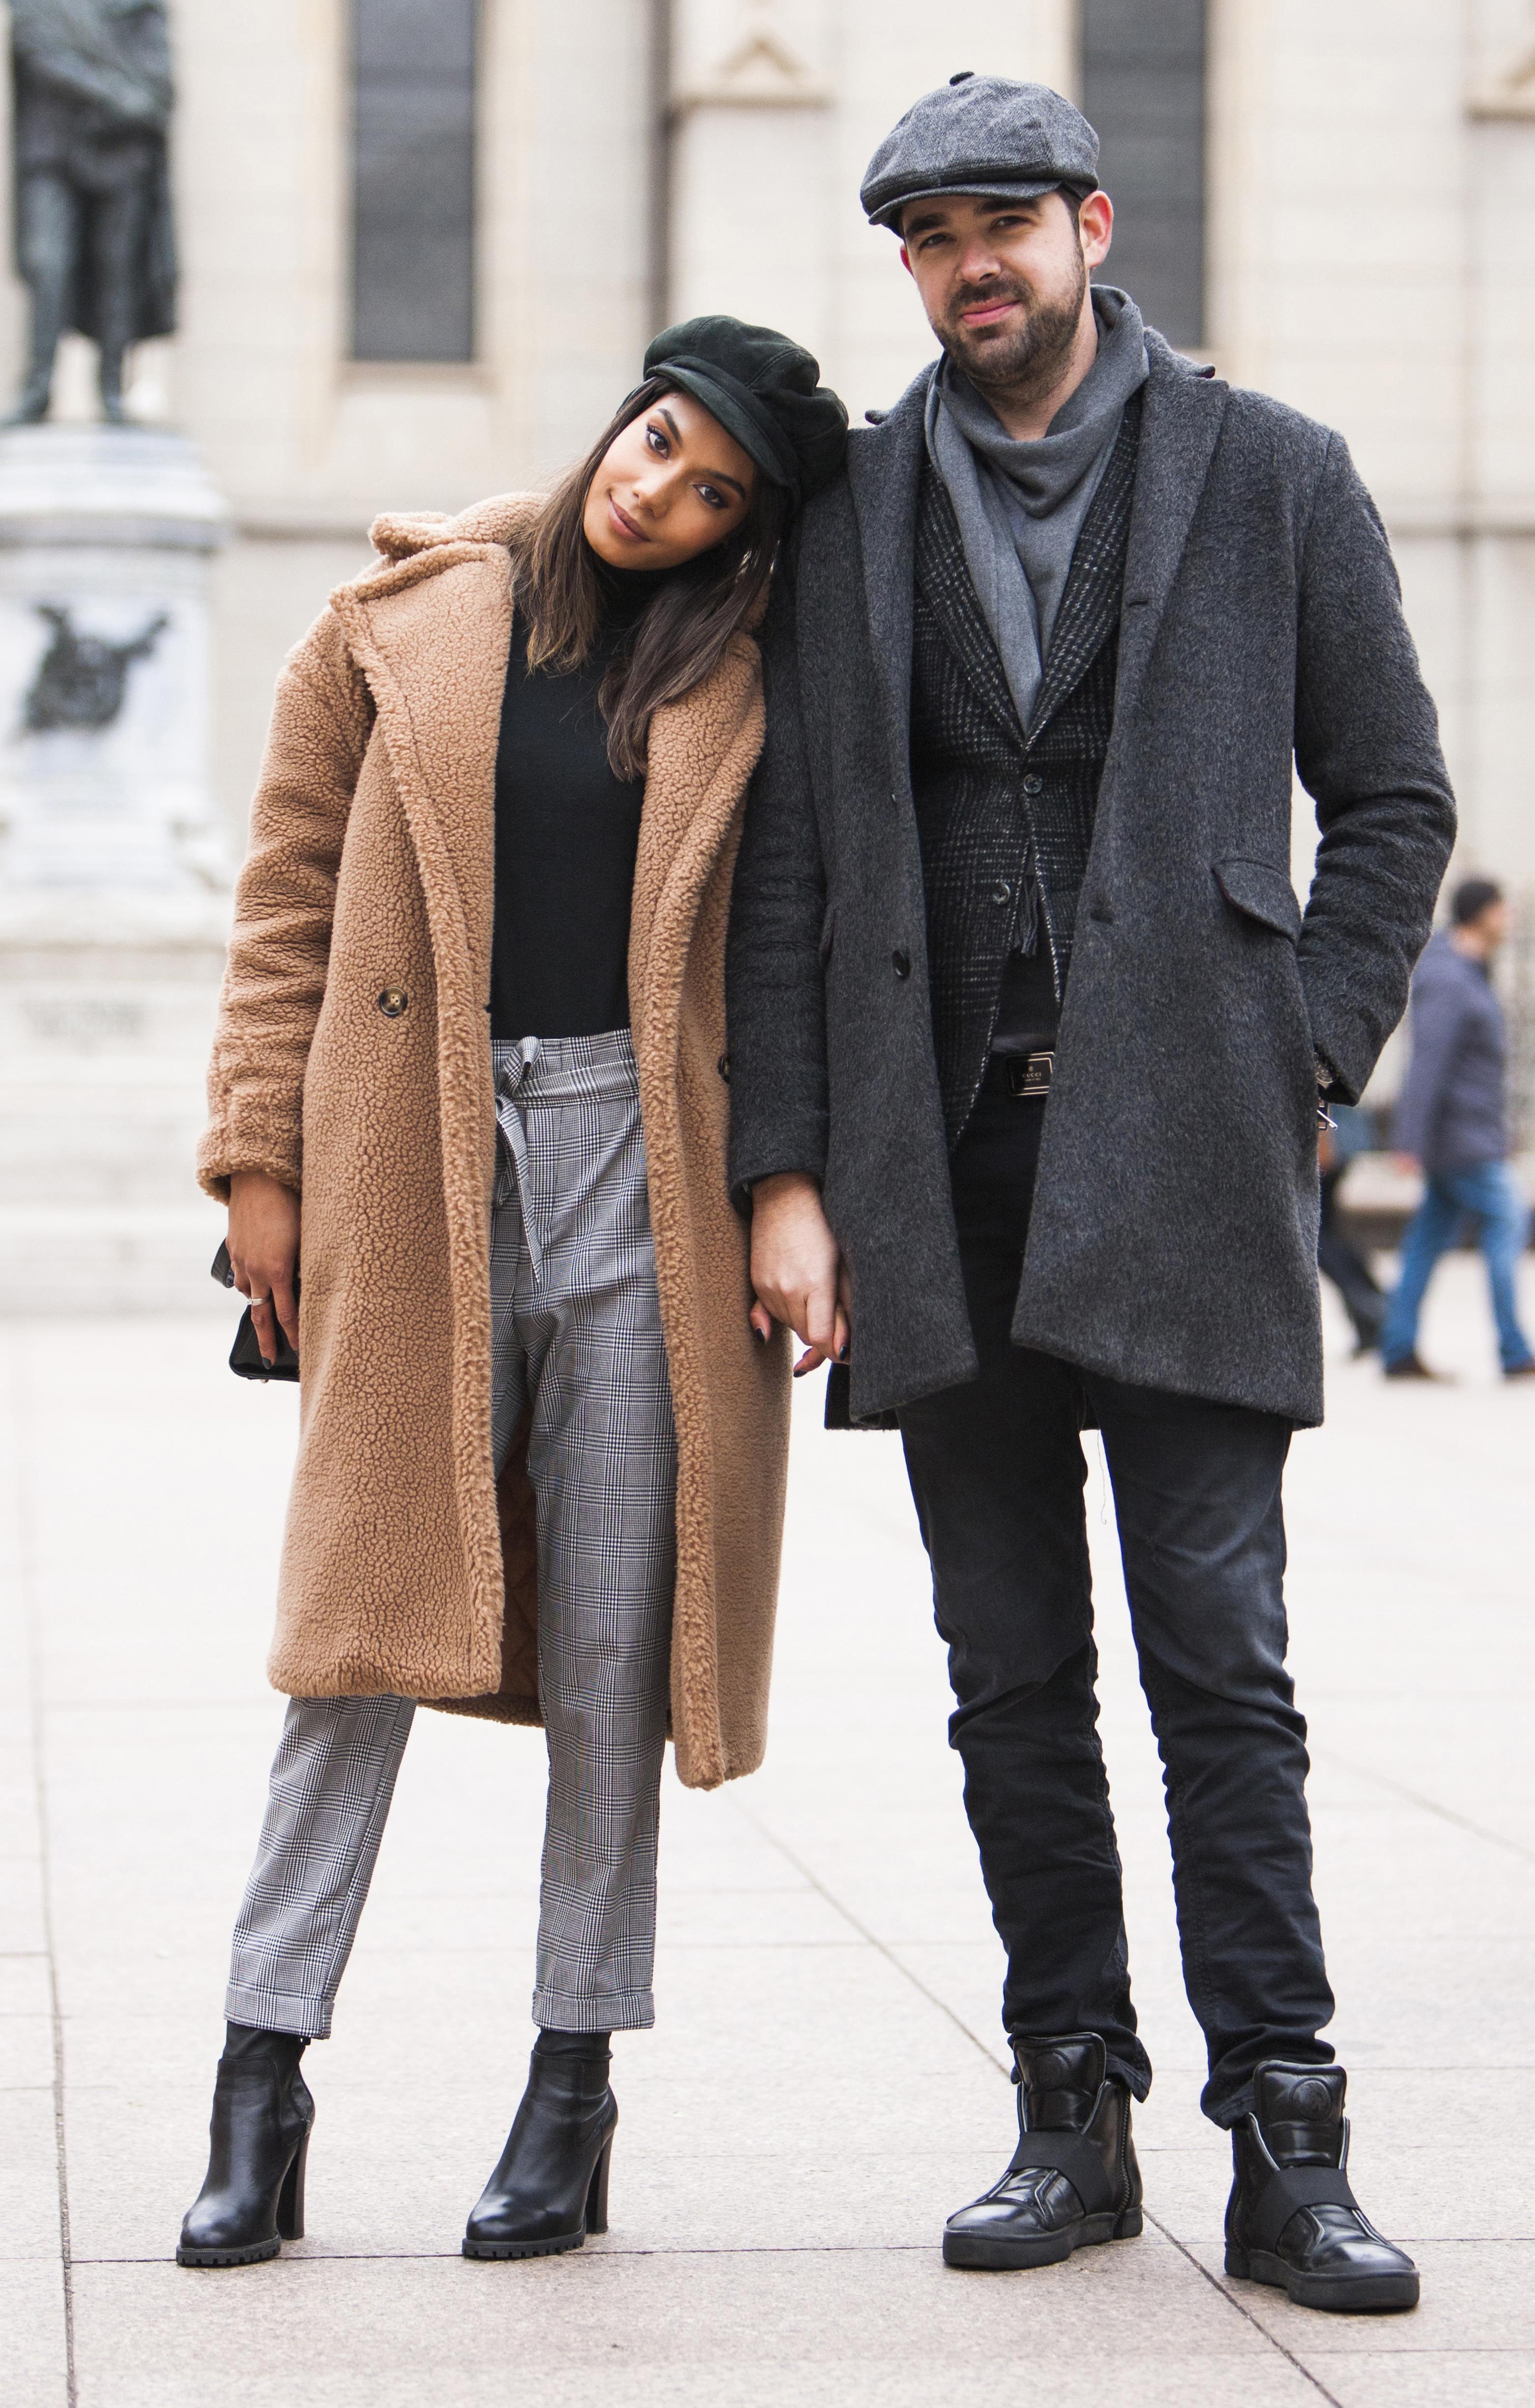 Kakav par! Nabilah i Omar znaju kako istovremeno biti jednostavni, a posebni!